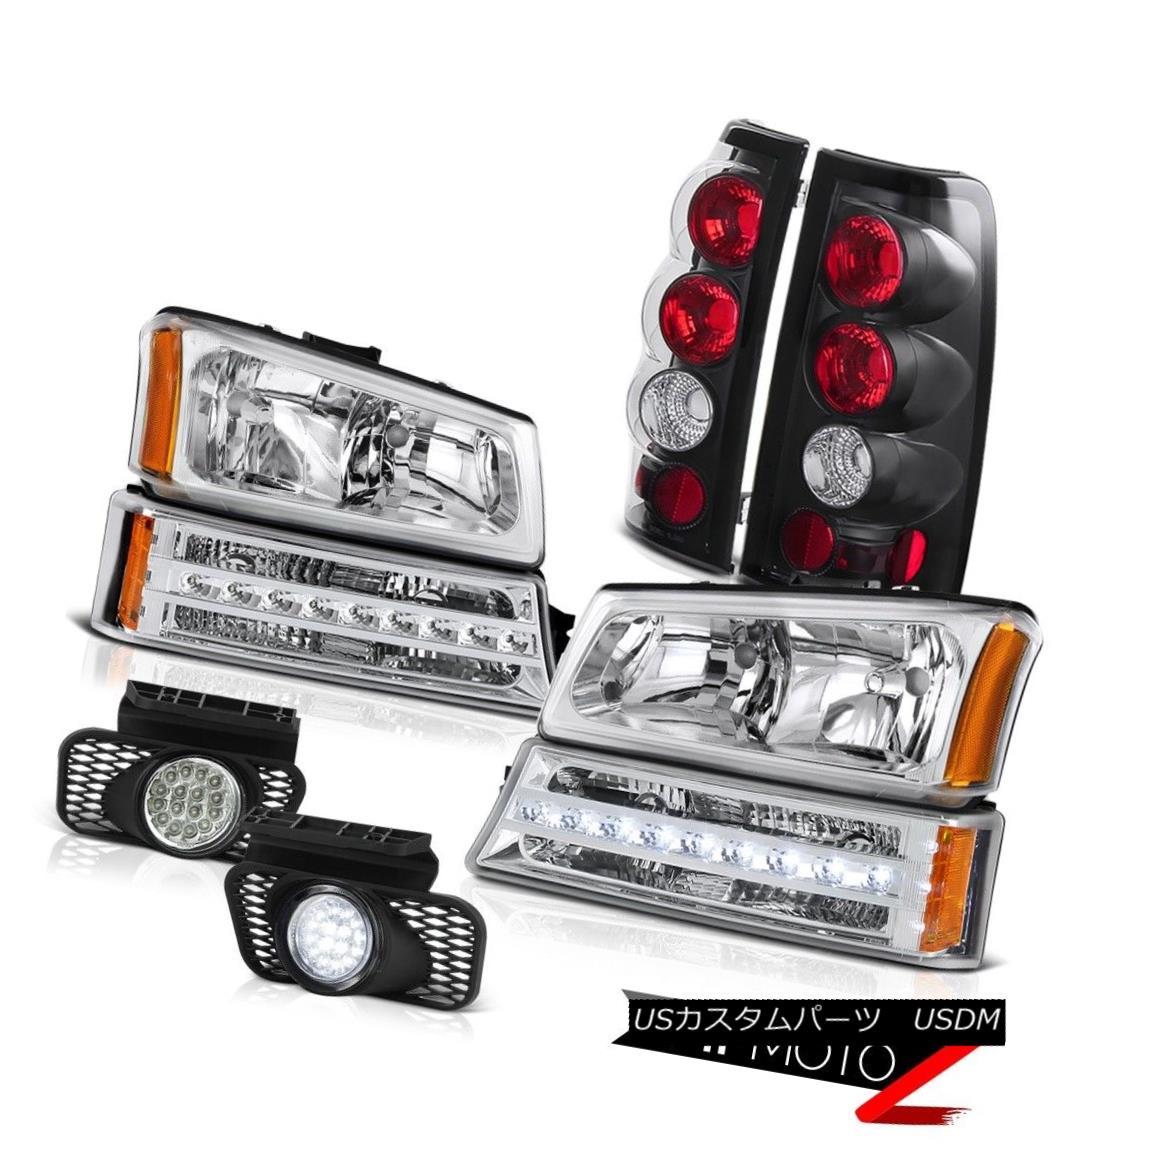 ヘッドライト 03-06 Silverado 1500 Clear chrome fog lamps taillights turn signal headlamps 03-06 Silverado 1500クリアクロームフォグランプテールライトヘッドランプ